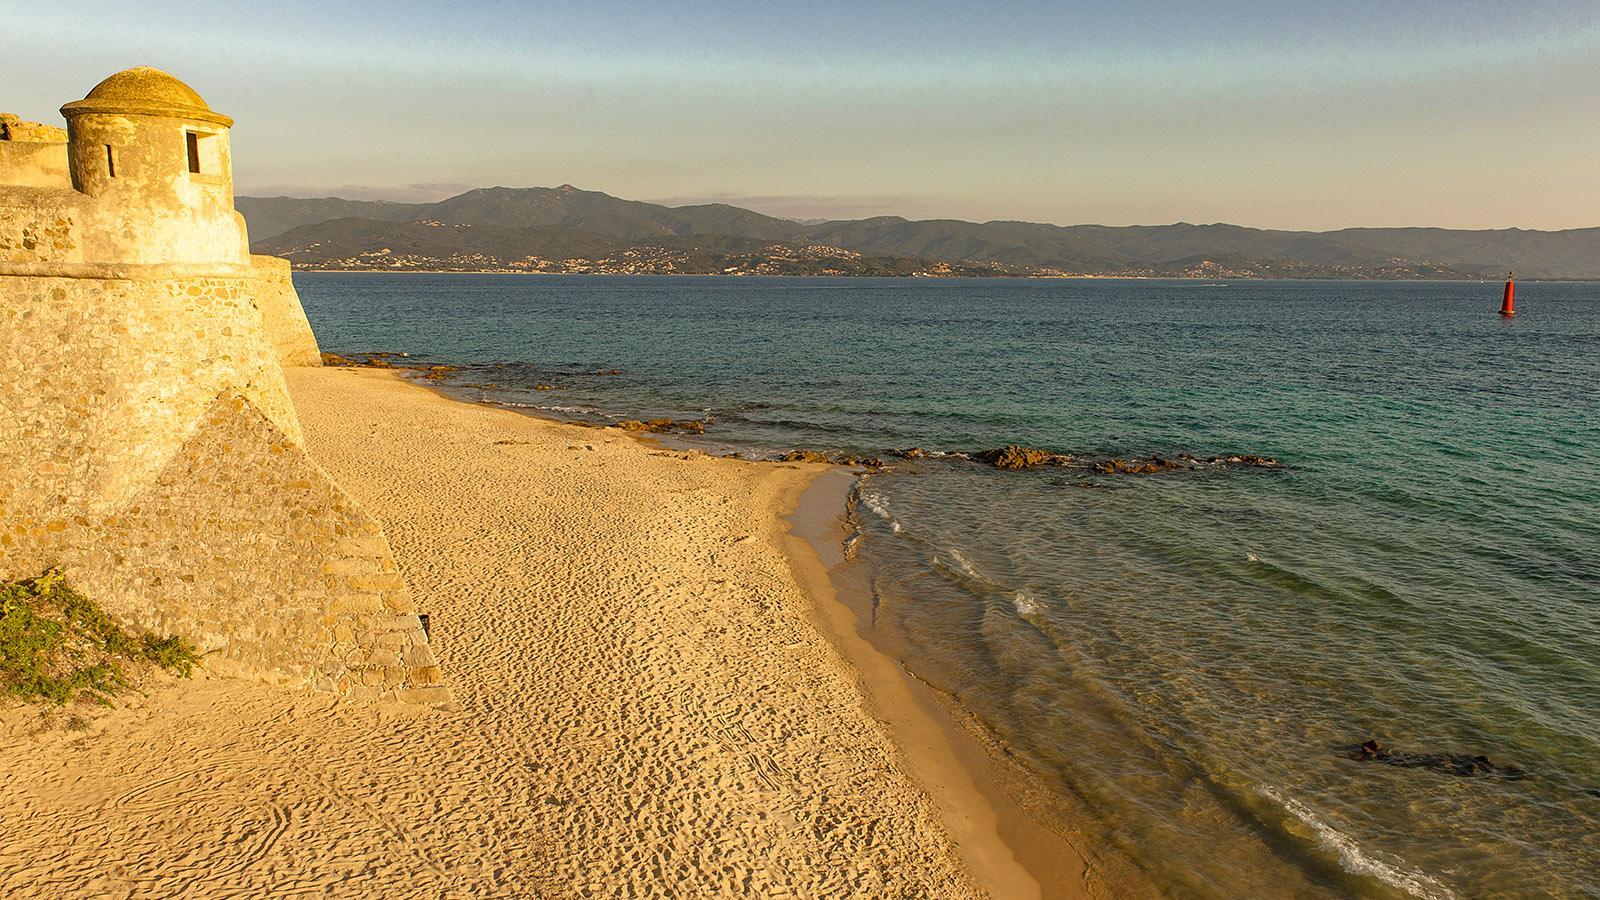 Der Strand von Ajaccio unterhalb der Zitadelle. Foto: Hilke Maunder